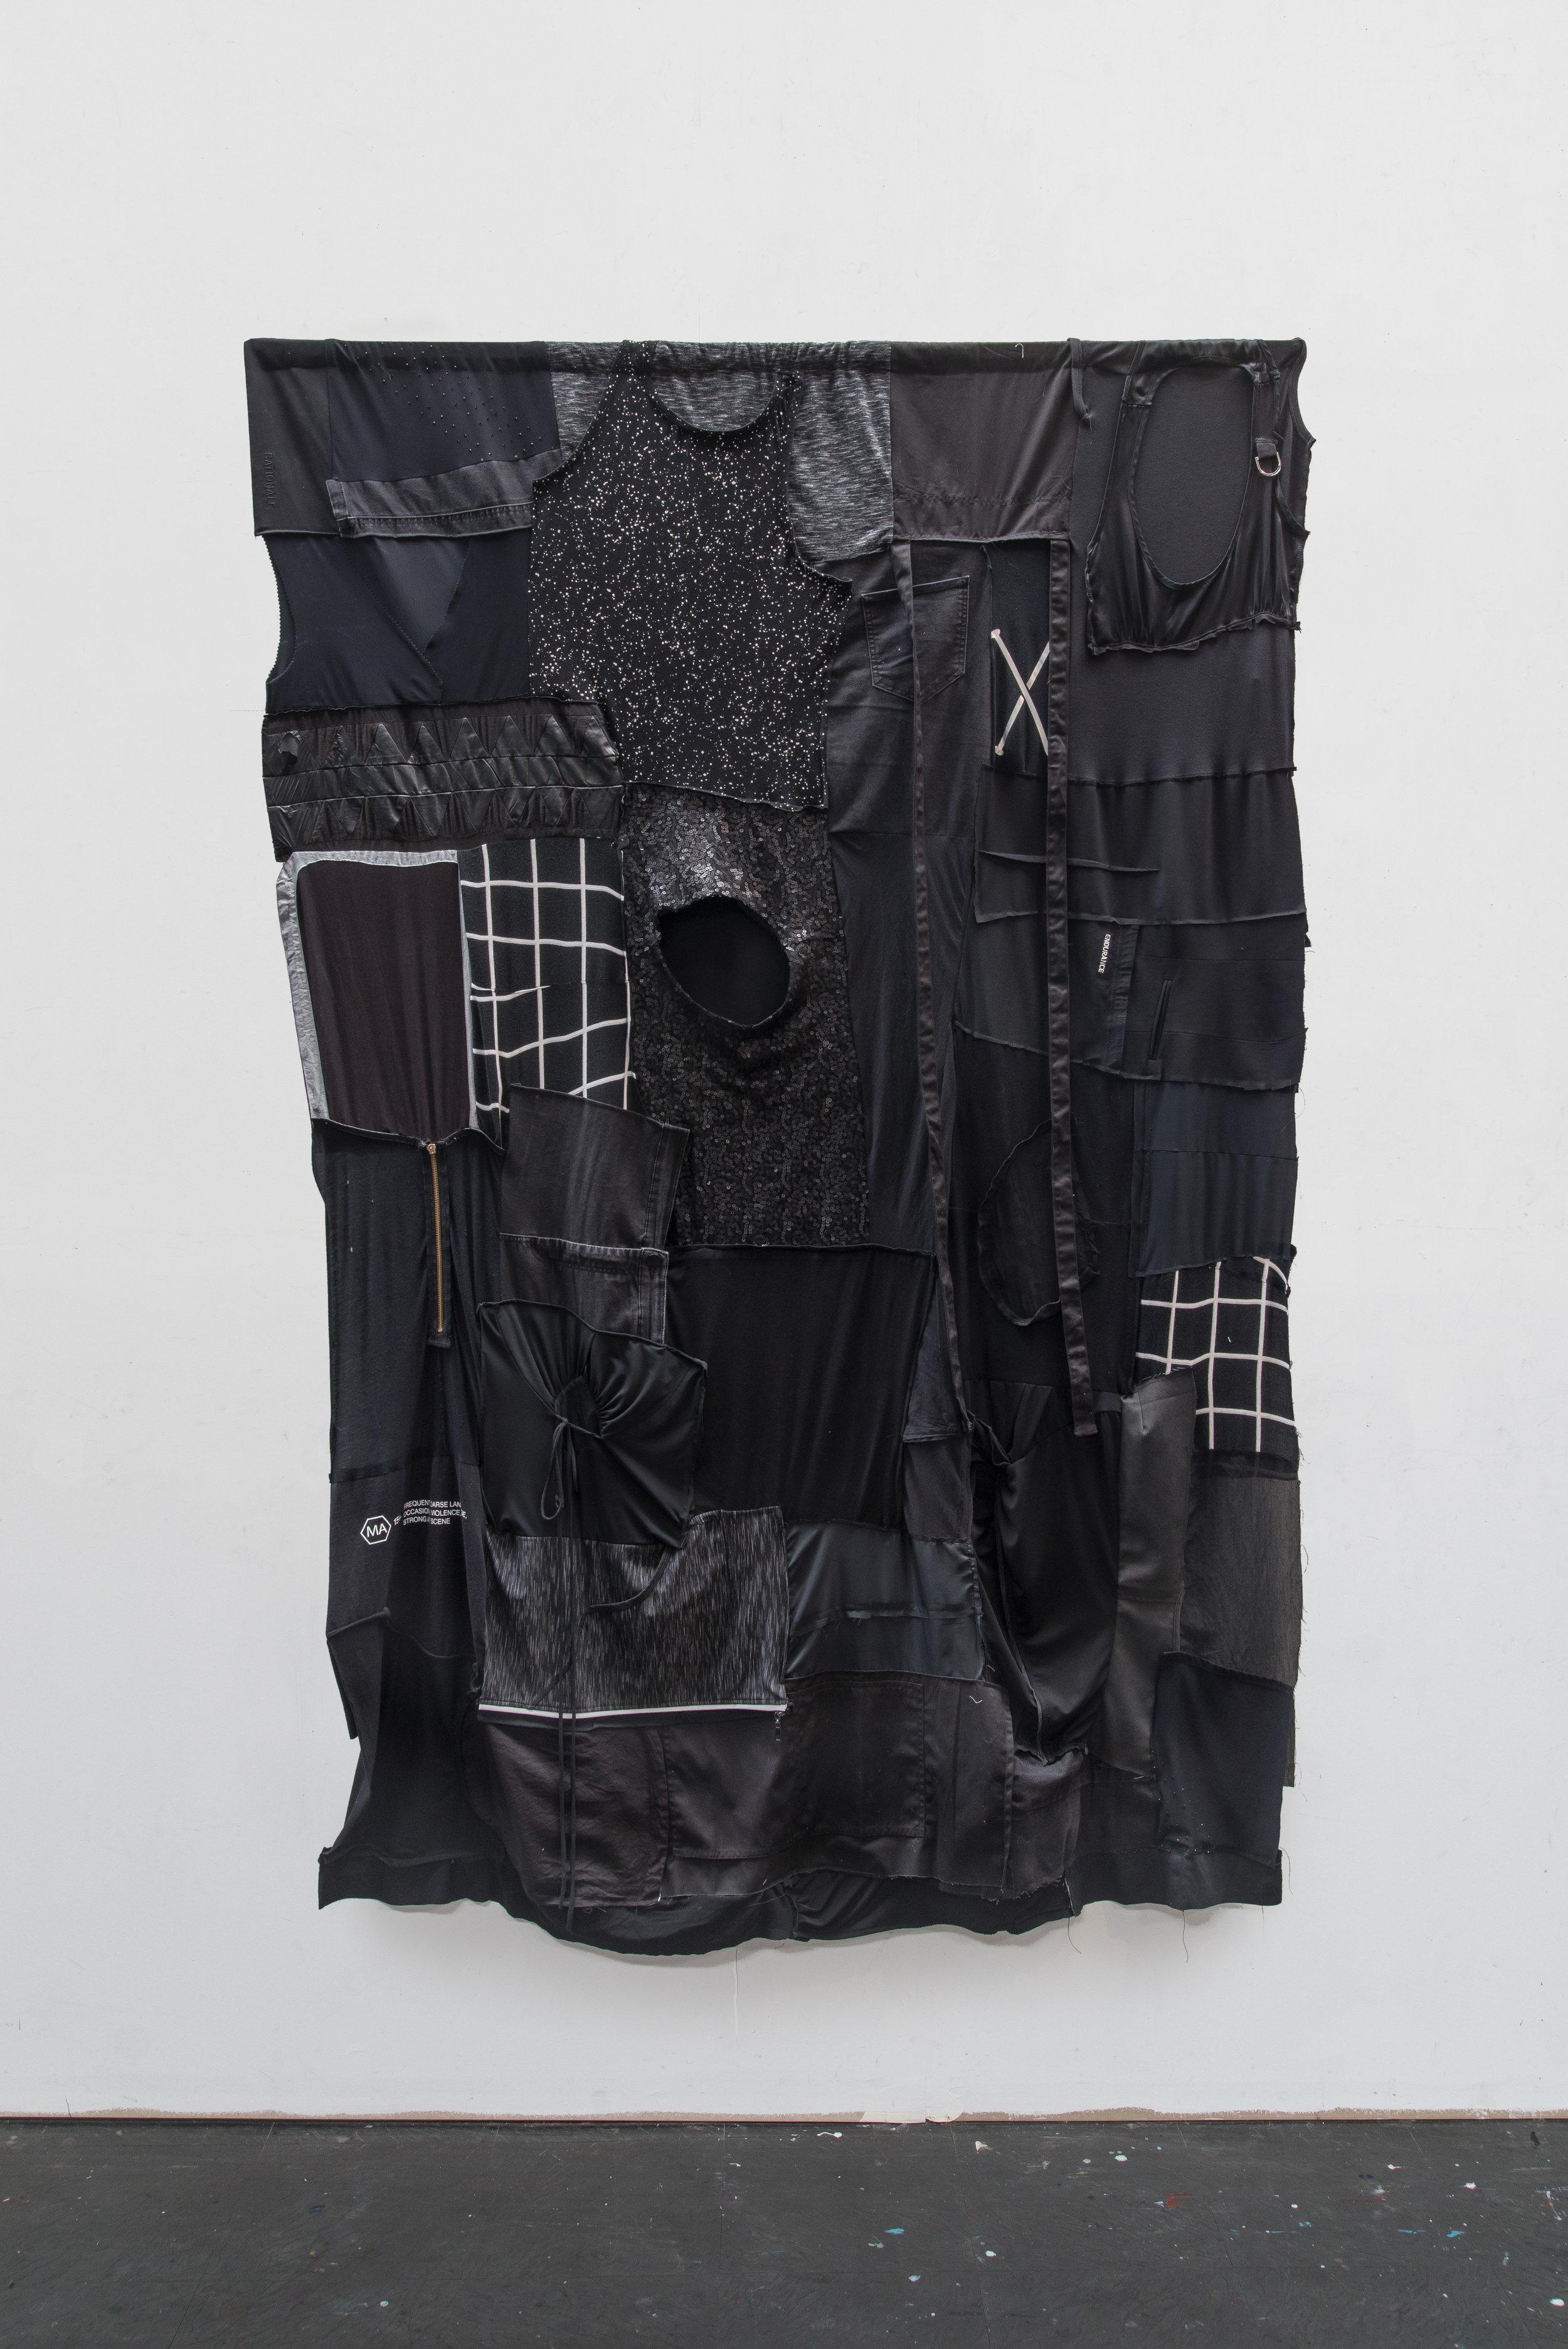 Kate Just, Clothes Portraits (Self Portrait), 2018